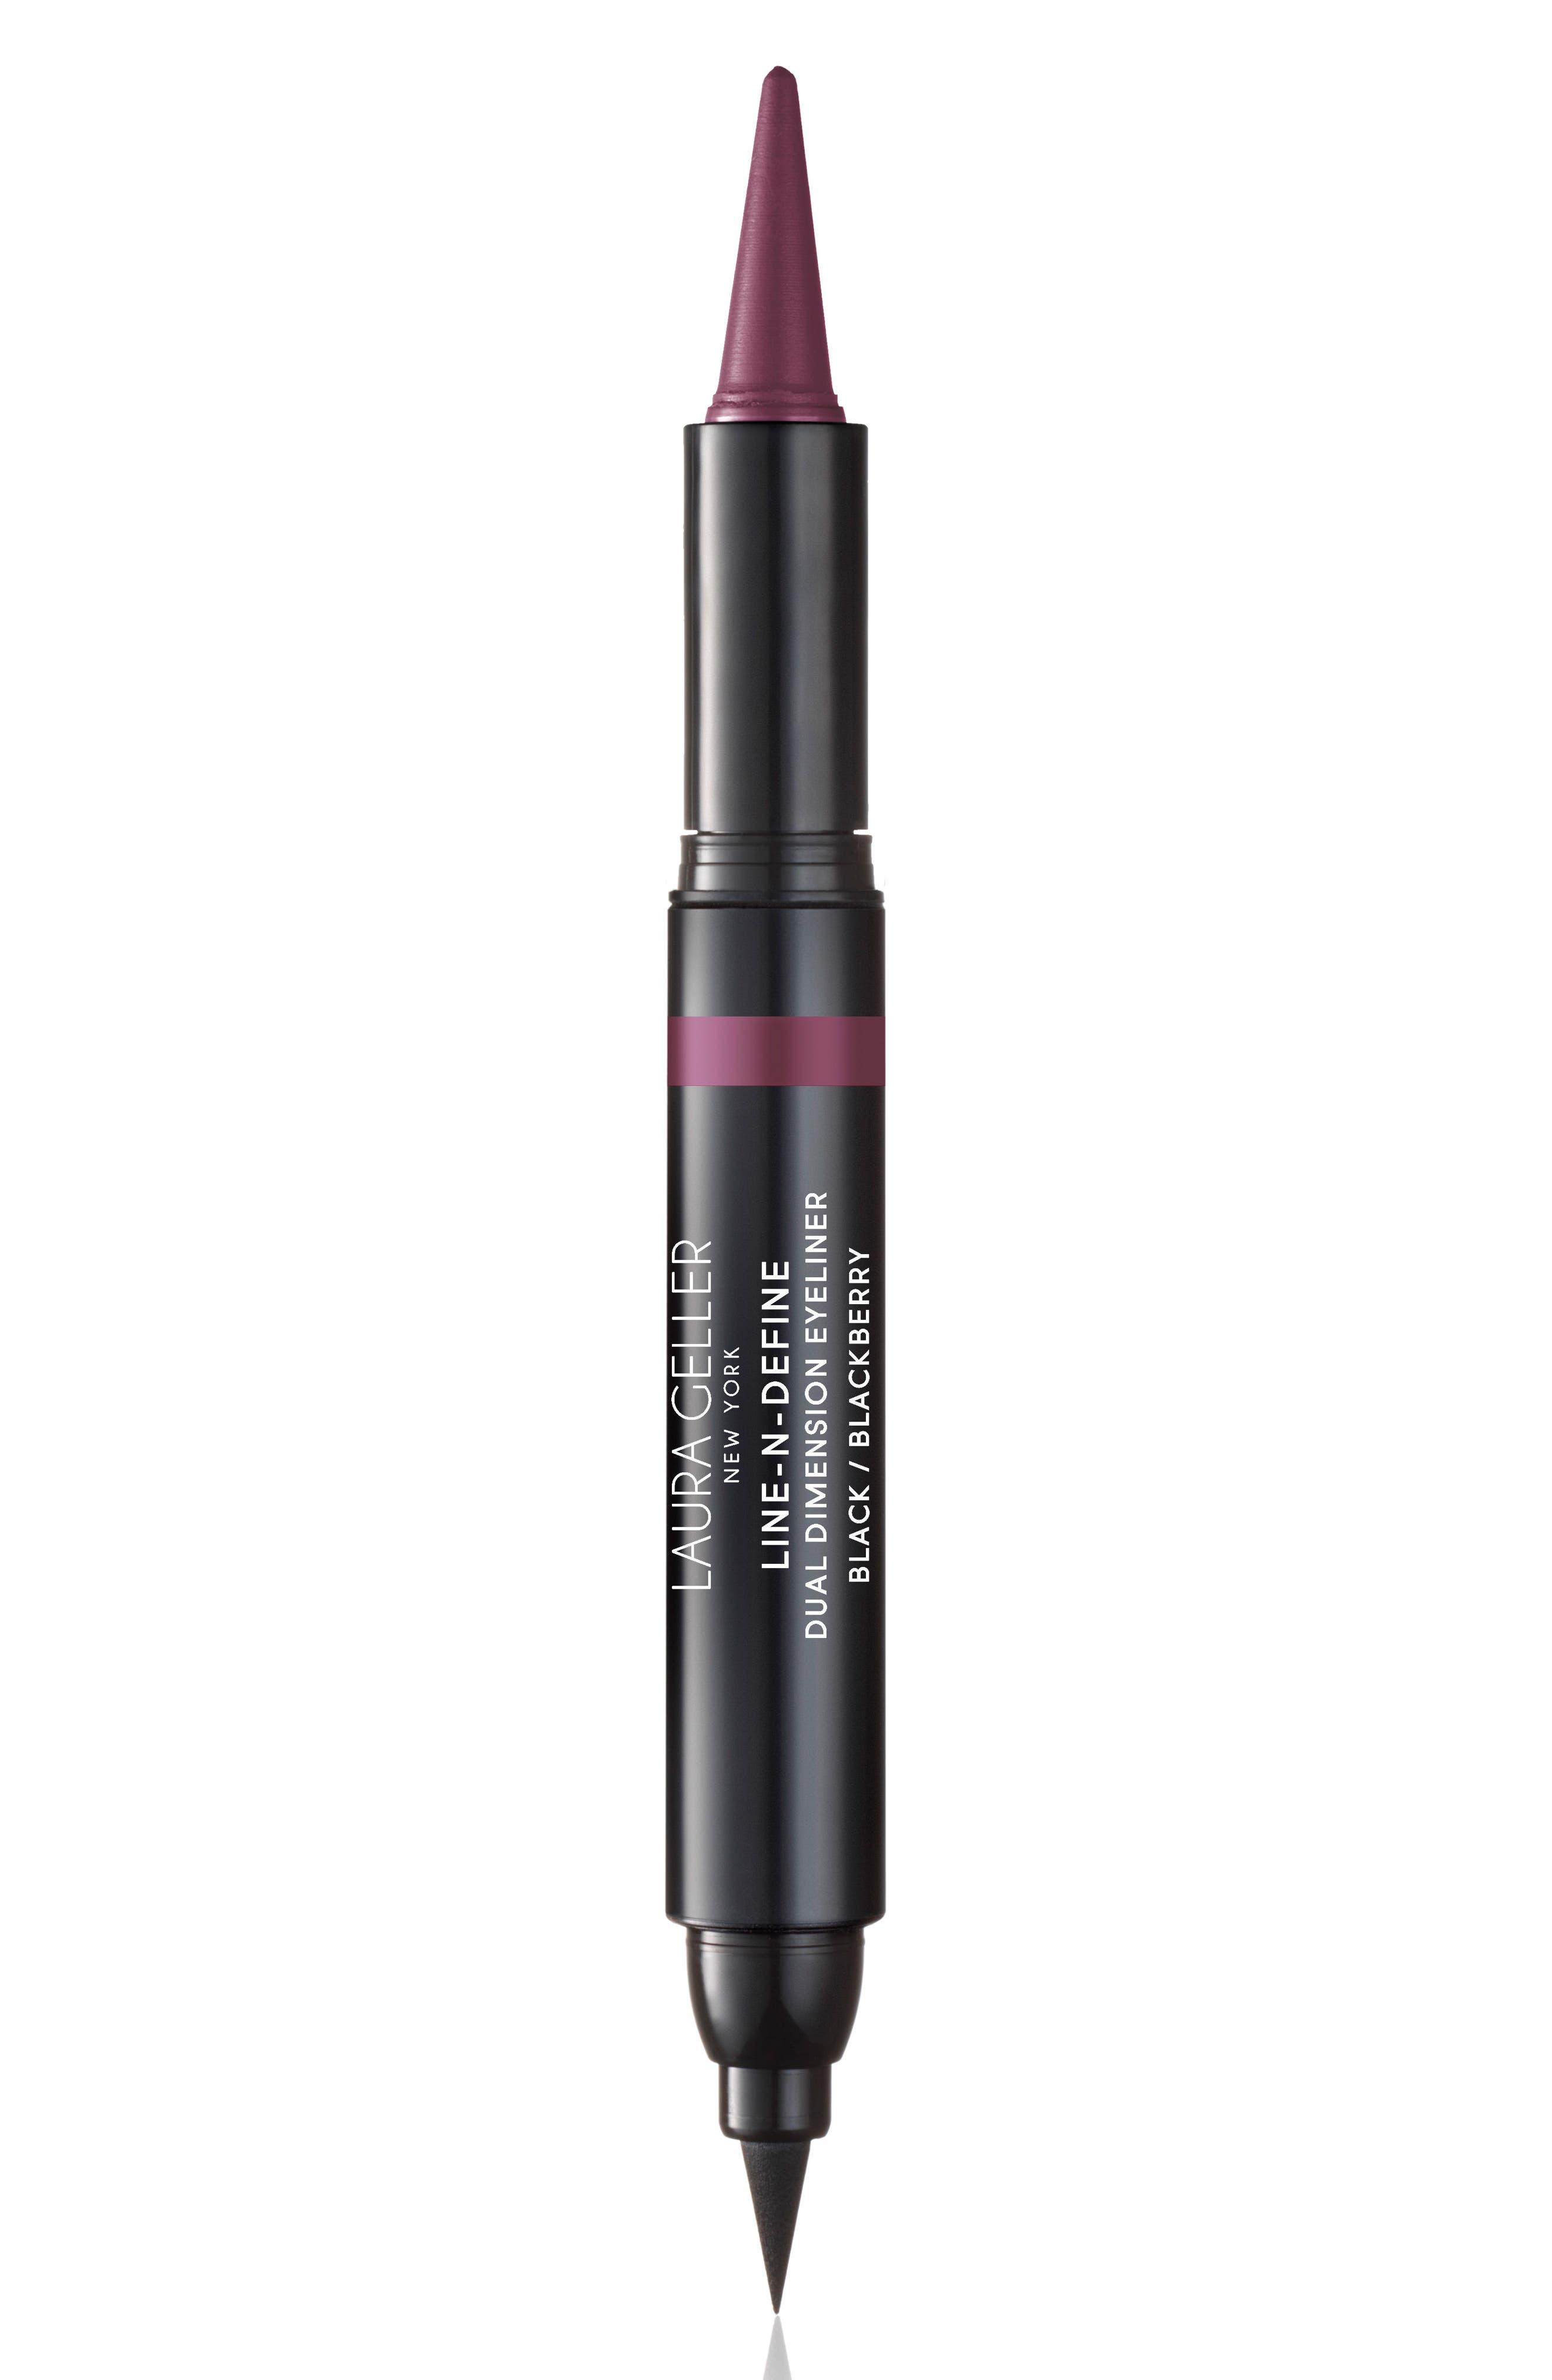 Laura Geller Beauty Line-N-Define Dual Dimension Eyeliner